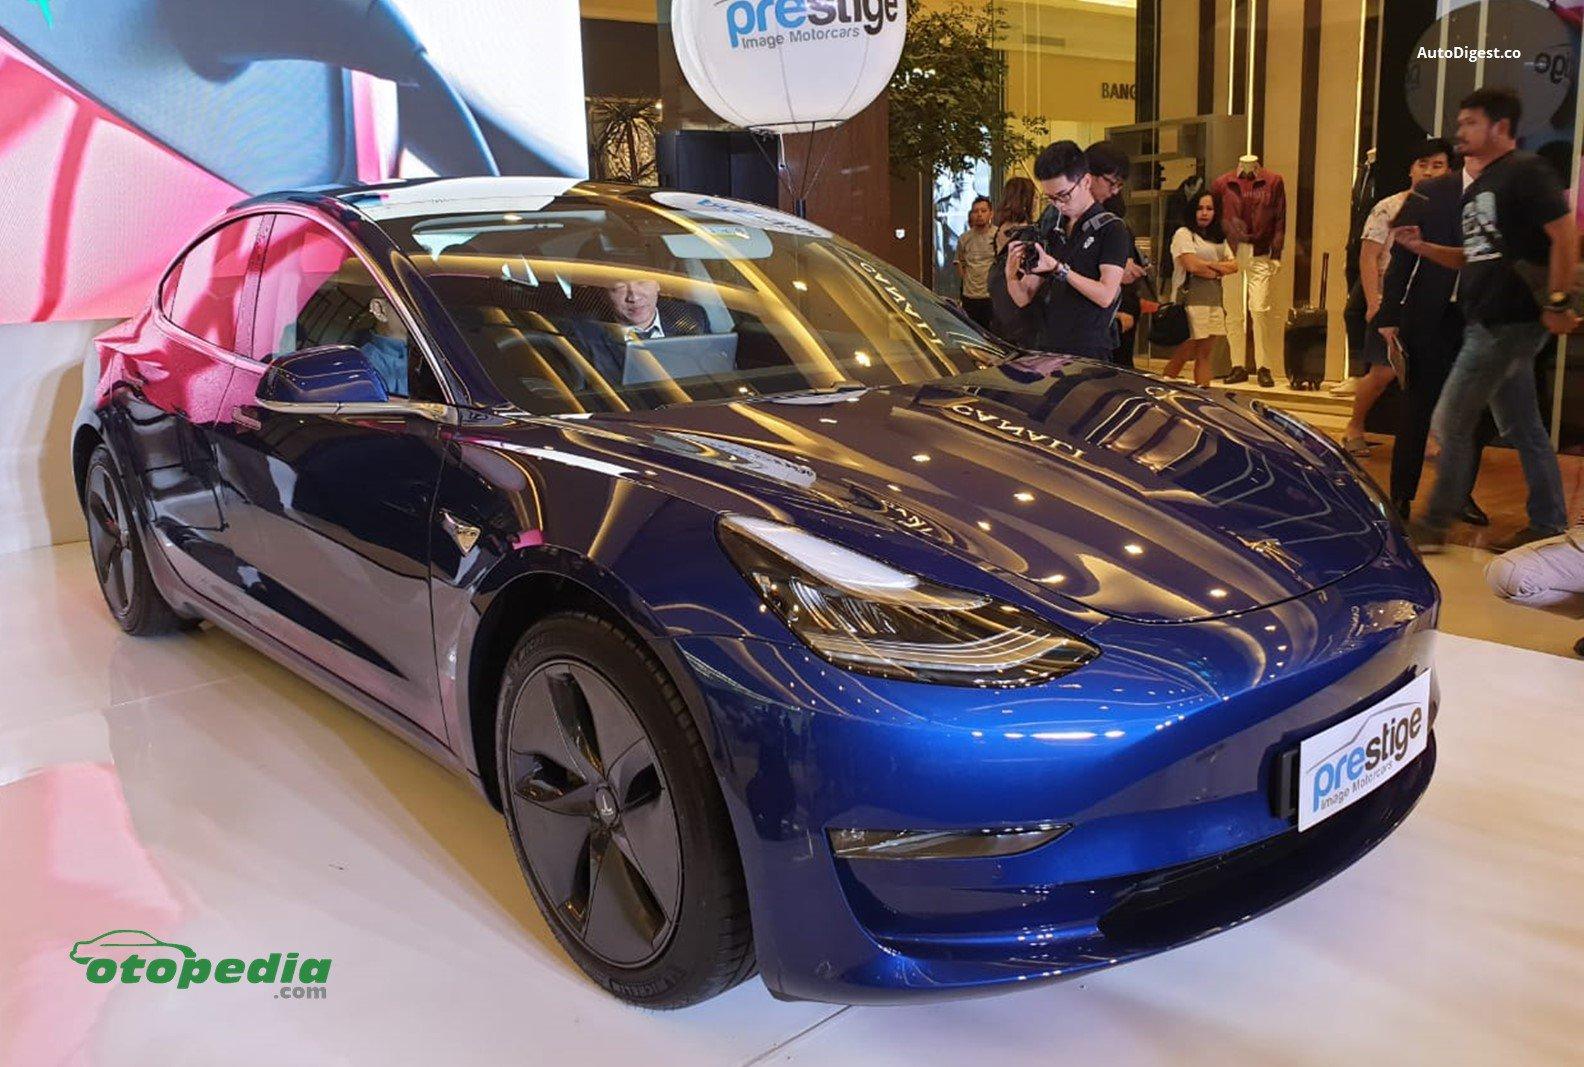 Mobil Listrik Tesla Model 3 Mulai Dipasarkan Segini Harganya